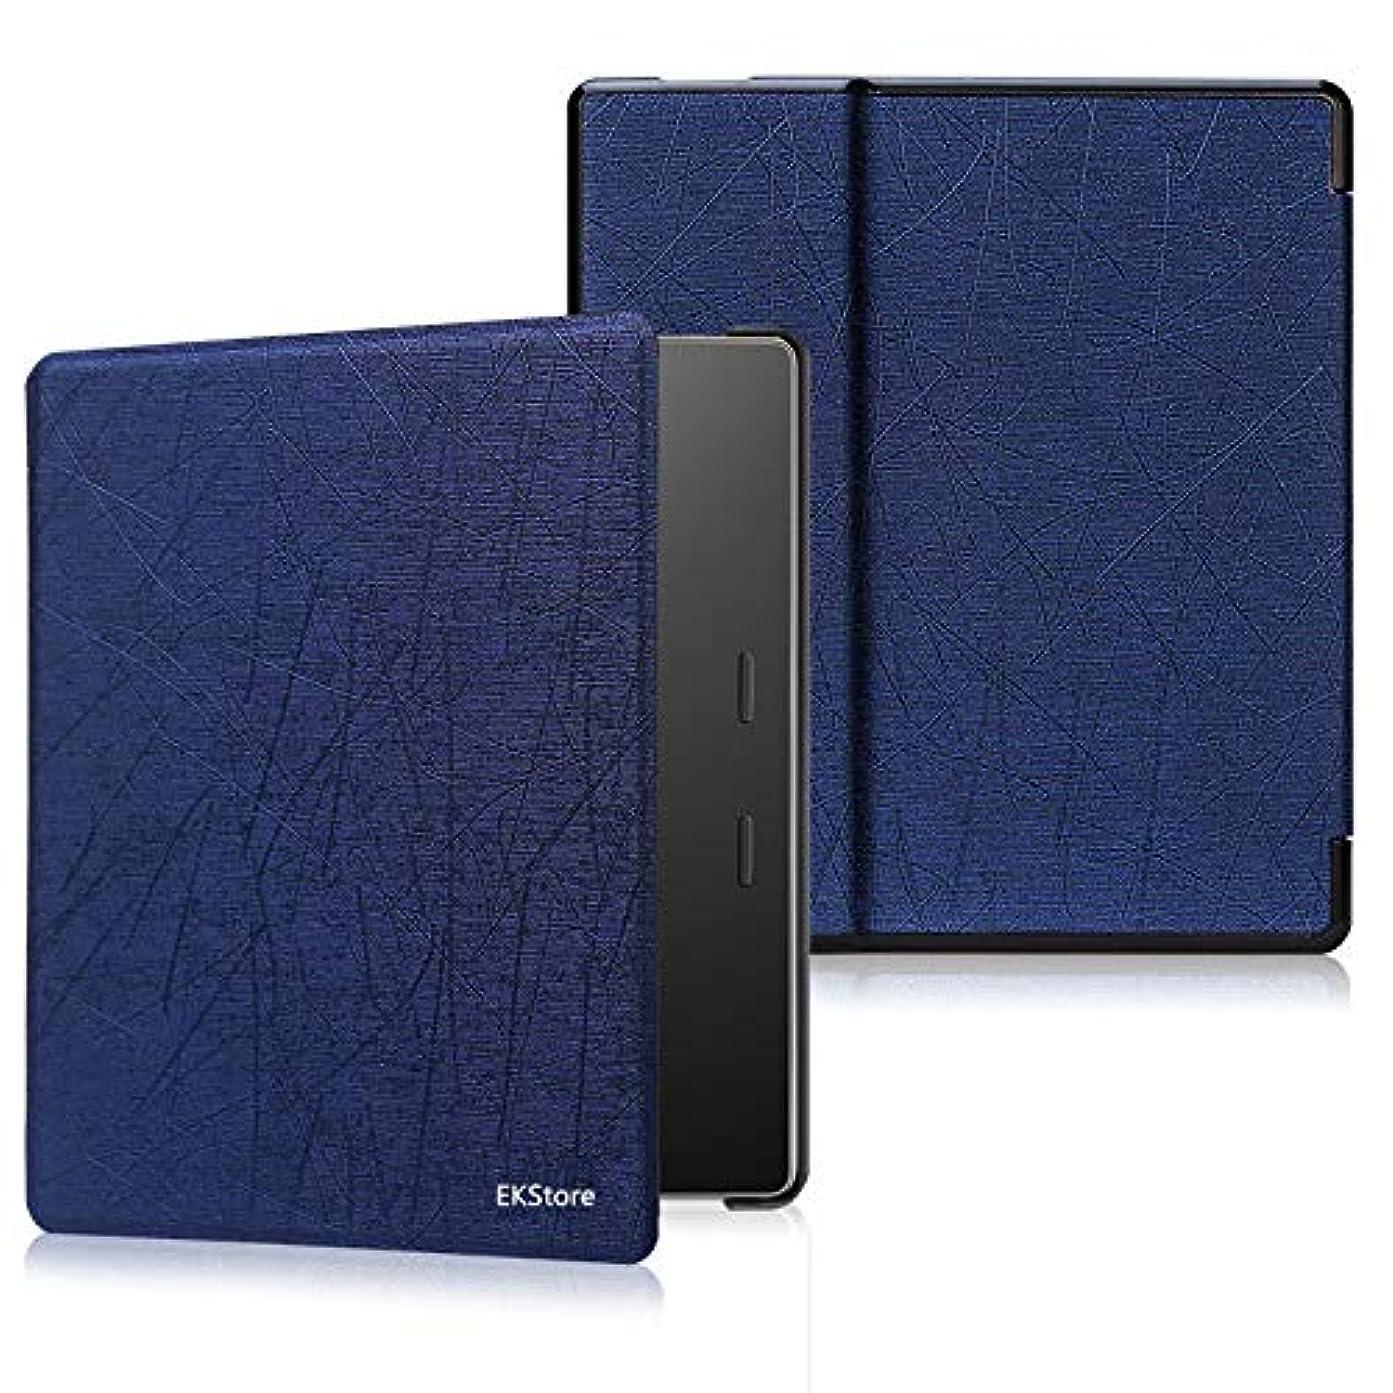 療法腹テーブルkwmobile Kobo Aura Edition 1 用 ケース - 電子書籍カバー PUレザー - オートスリープ Reader 保護ケース